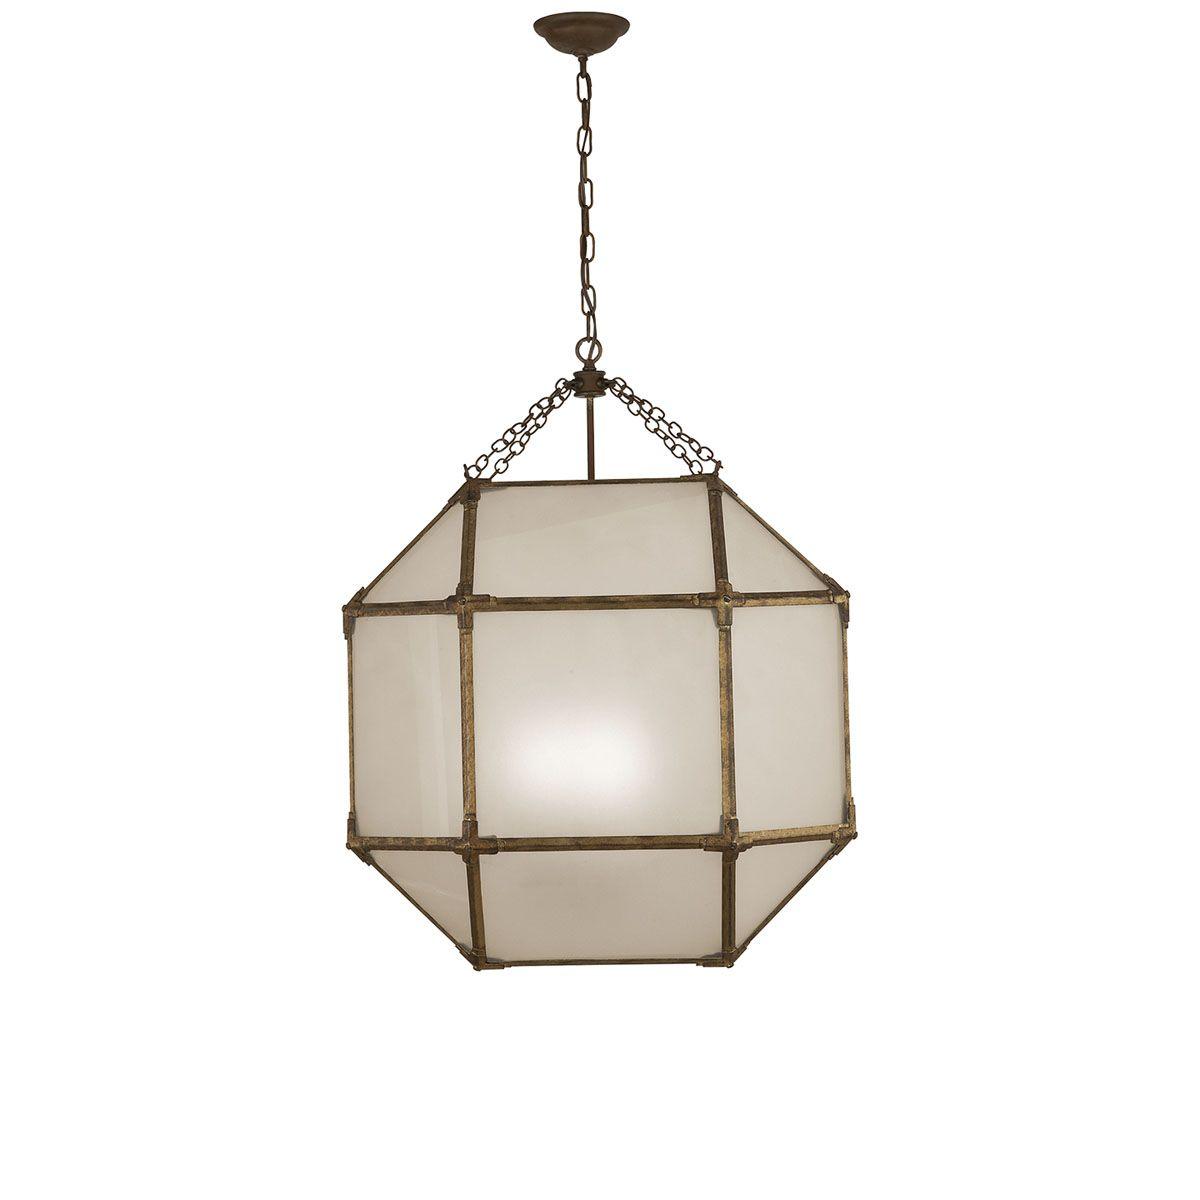 Visual Comfort Large Morris Lantern Lantern Neenas Lighting In 2020 Ceiling Pendant Lights Large Lanterns Visual Comfort Lighting